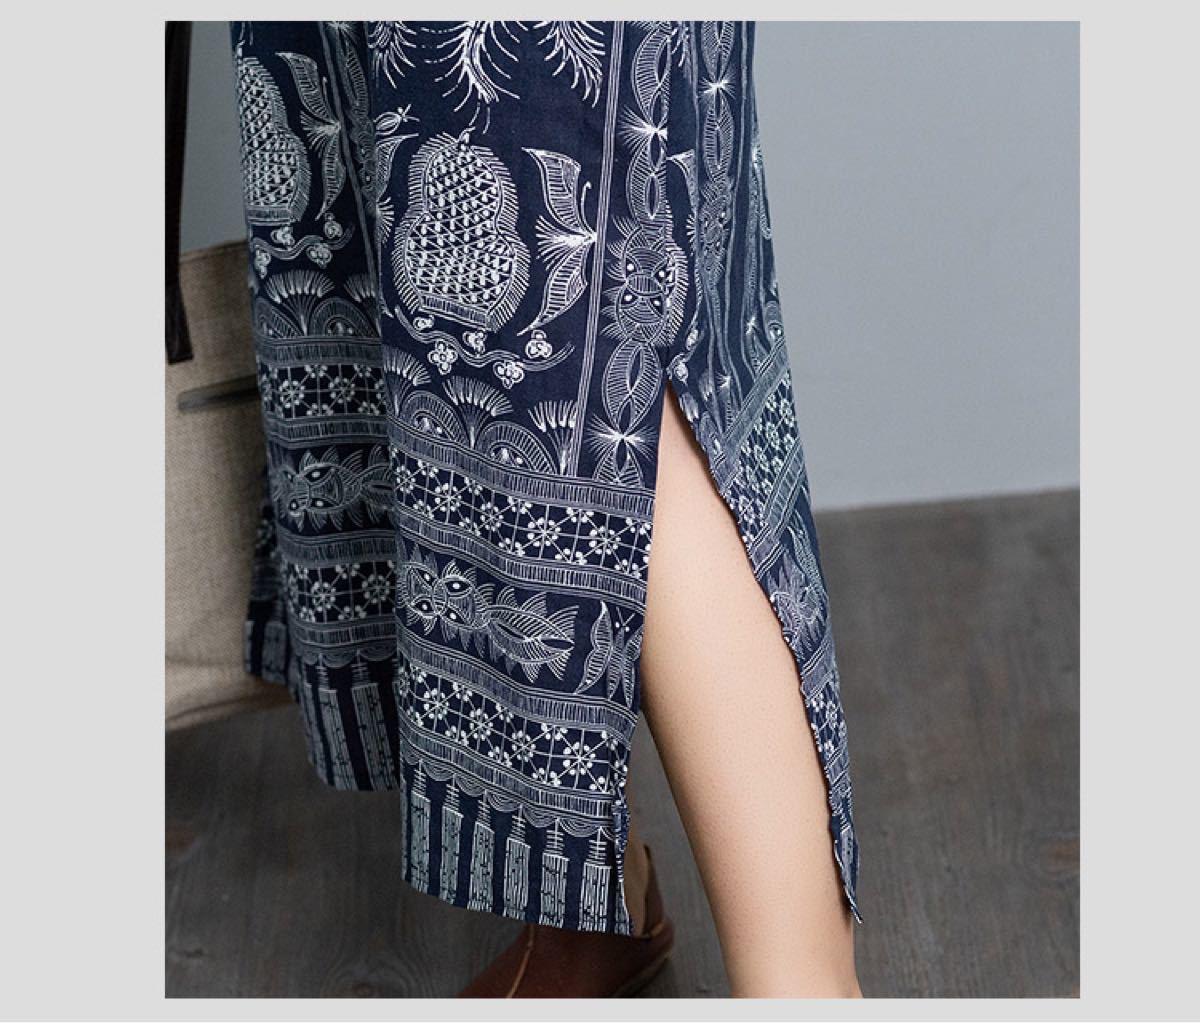 ワンピース【人気】マキシワンピース シノワズリ 体型カバー チャイナドレス 長袖